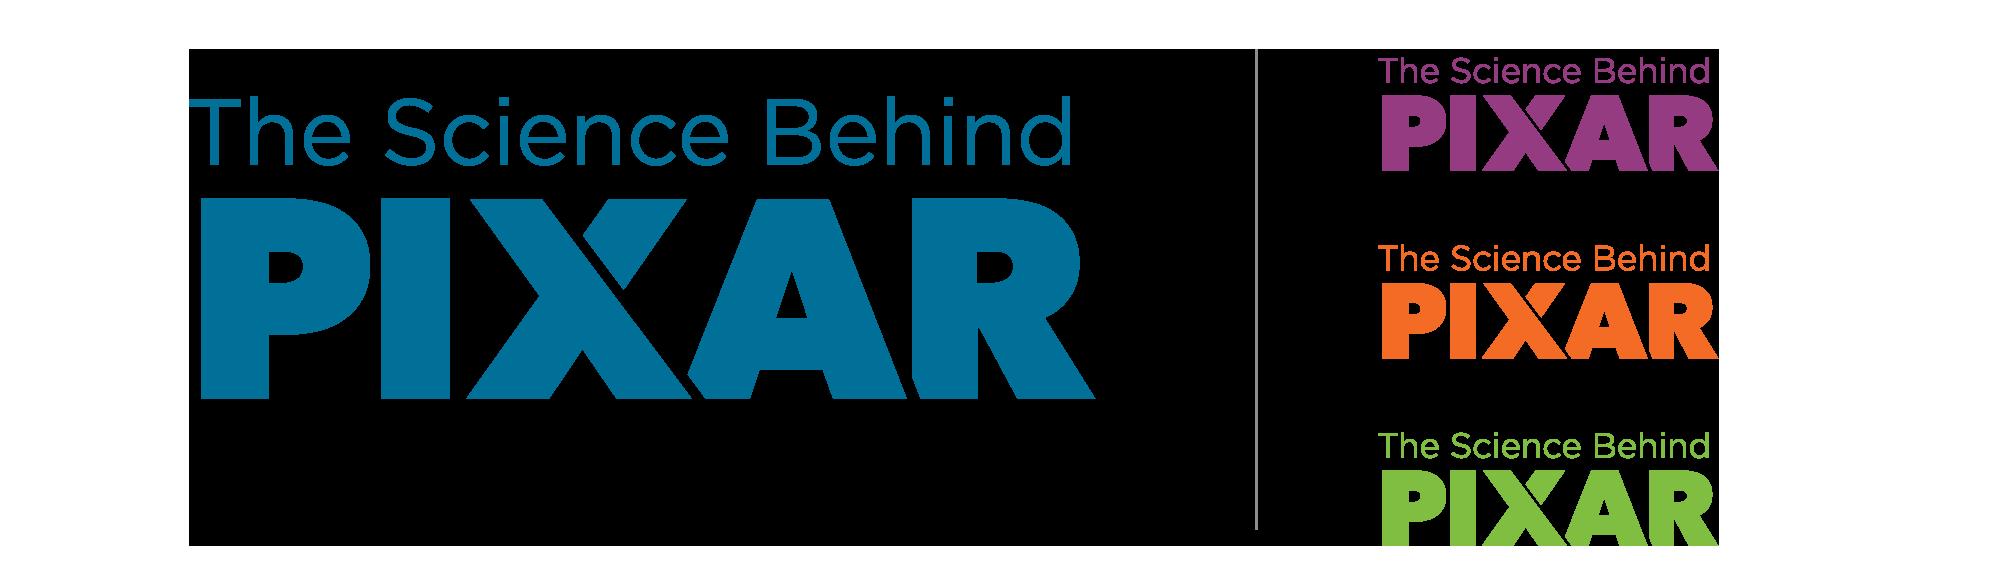 Science-Behind-Pixar-final-logos.png